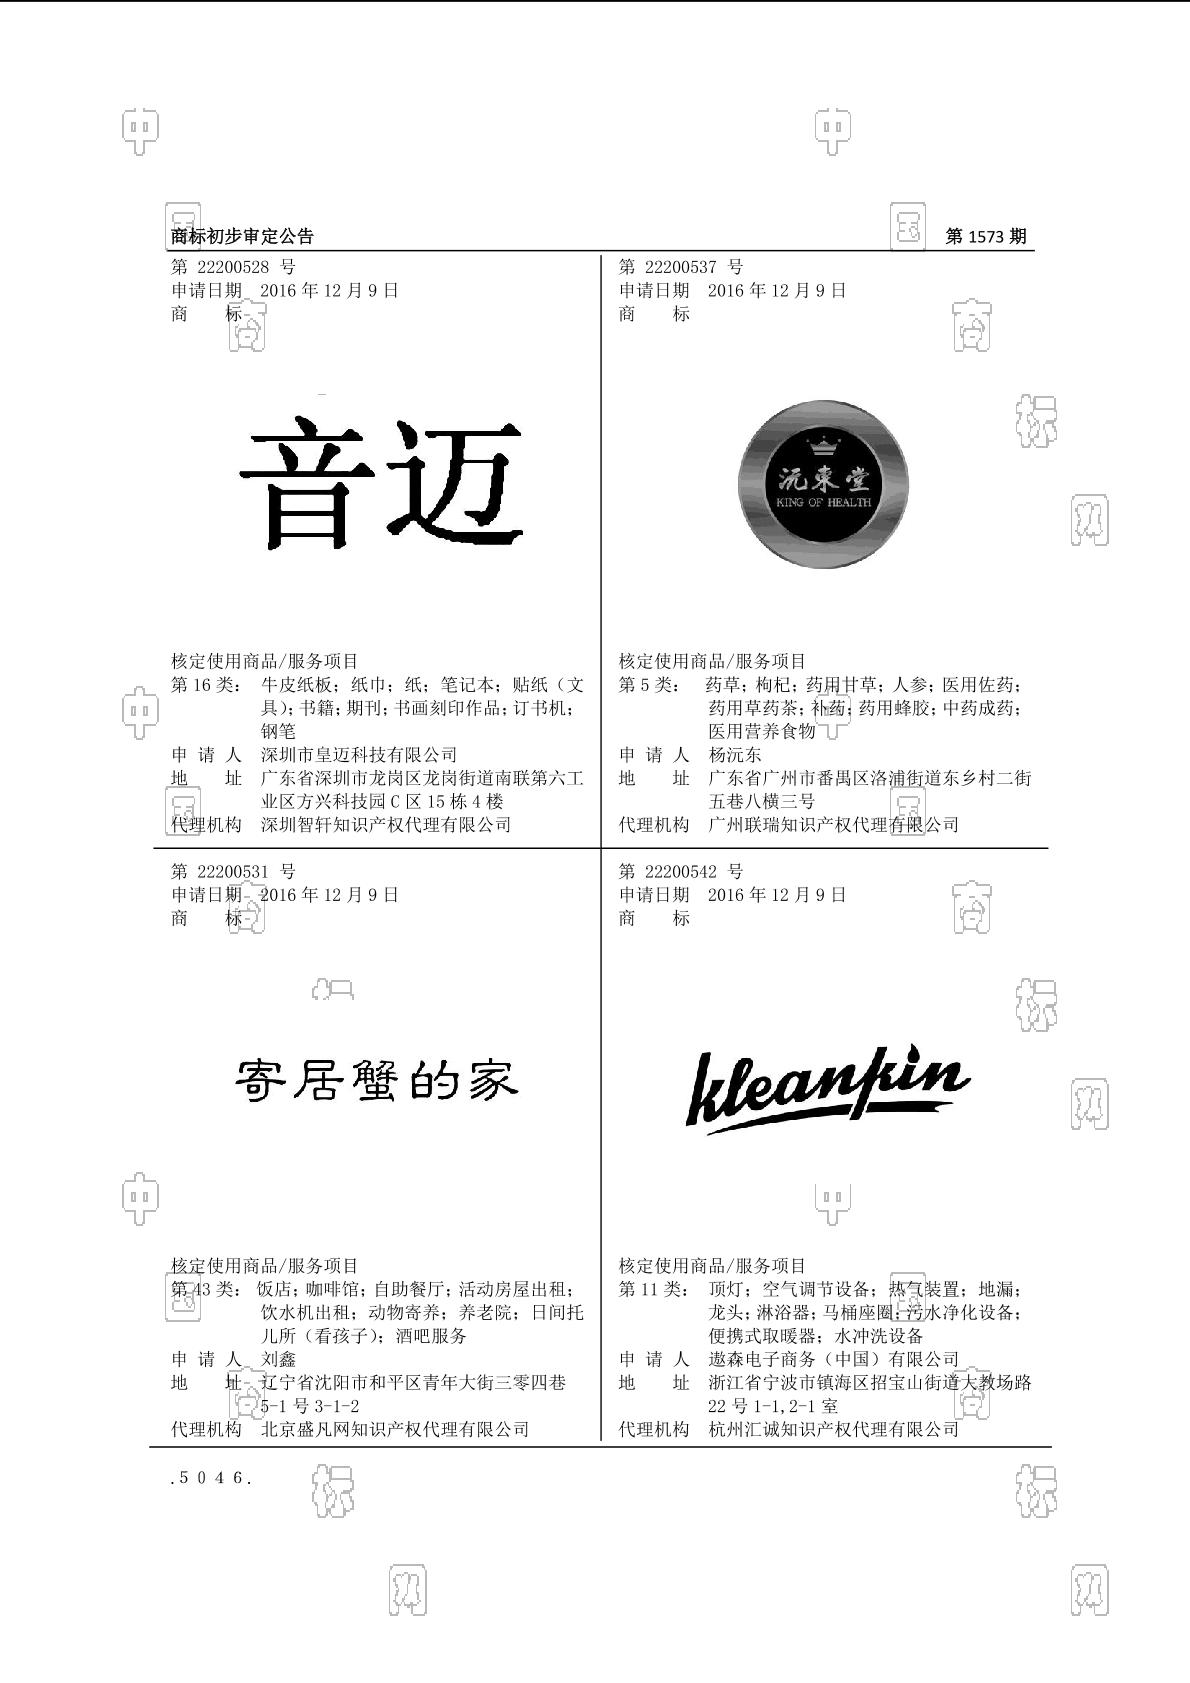 【社标网】沅东堂 KING OF HEALTH商标状态注册号信息 杨沅东商标信息-商标查询